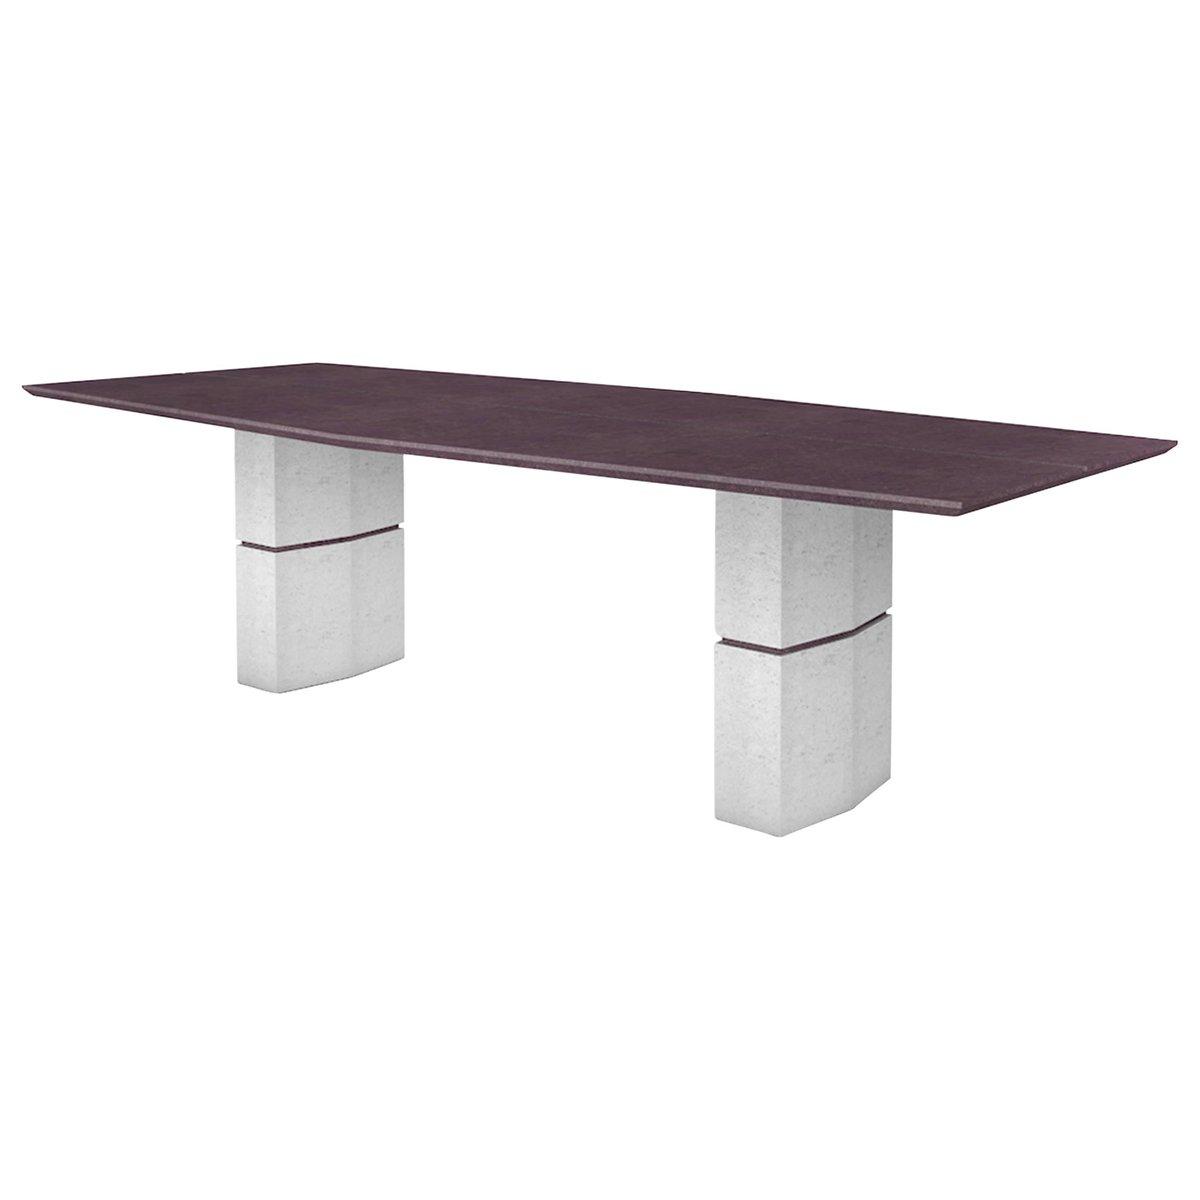 Esstisch mit lila Schieferplatte von Fre?de?ric Saulou